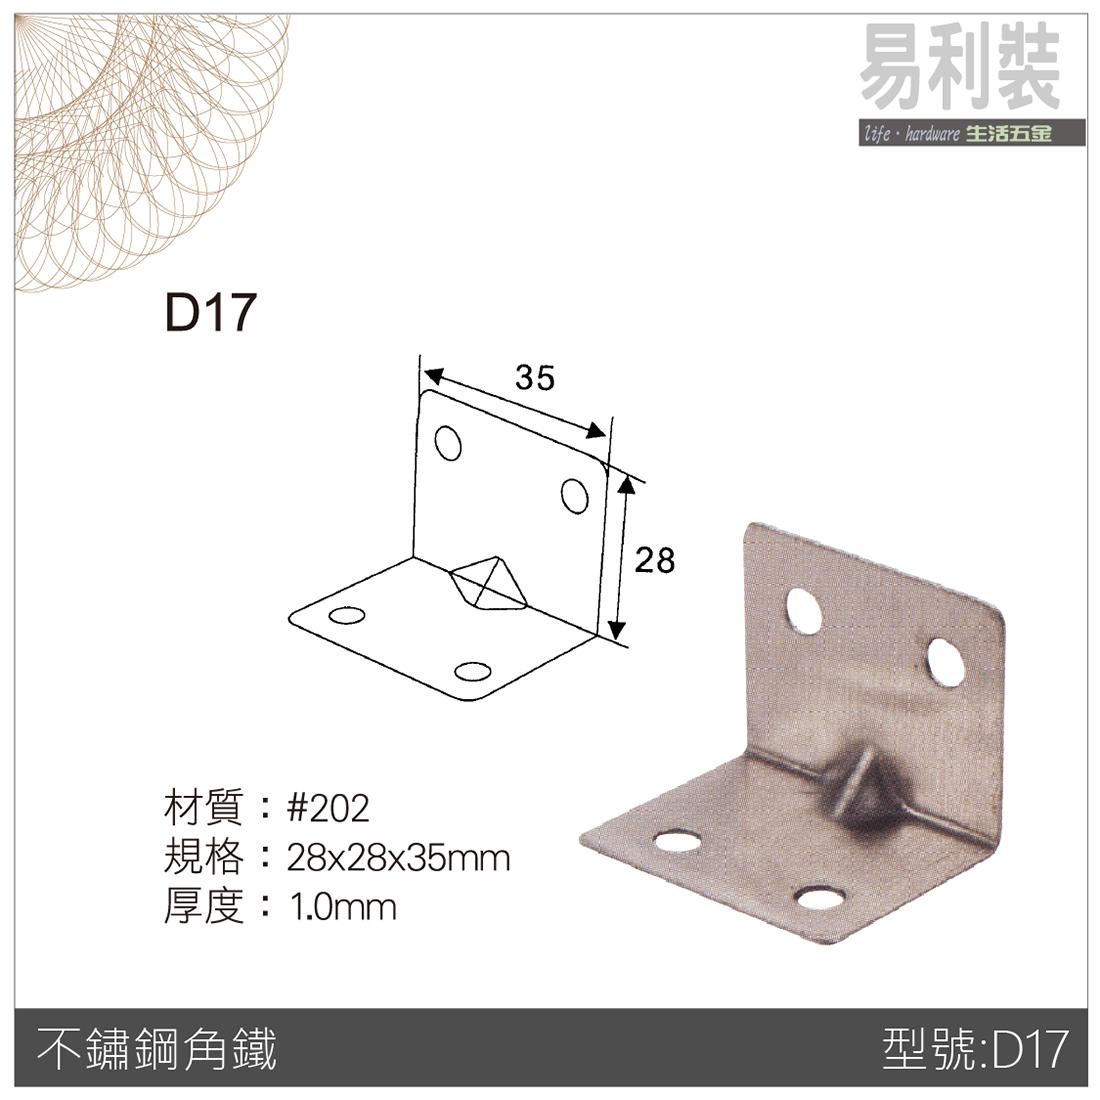 【 EASYCAN  】D17 不鏽鋼 角碼 1包10片 易利裝生活五金 角鐵 轉角片 補強 房間 臥房 客廳 餐廳 櫥櫃 衣櫃 小資族 辦公家具 系統家具 - 限時優惠好康折扣